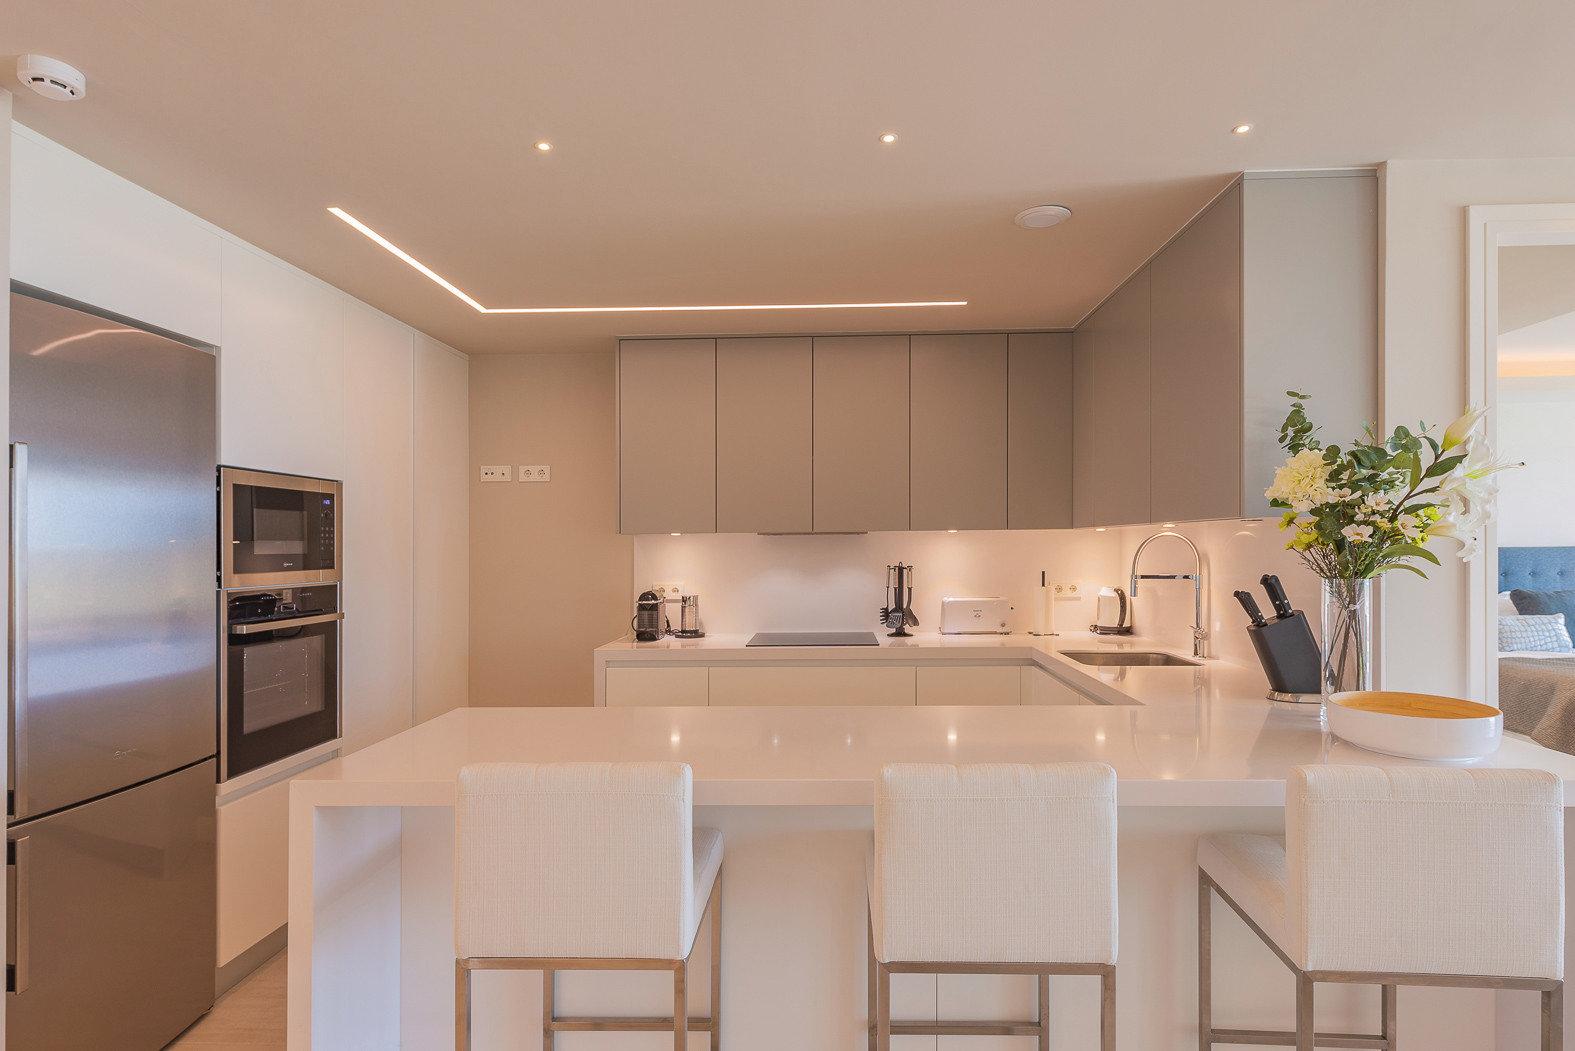 Diese Küche verient elegantes Design und top Funktionalität.